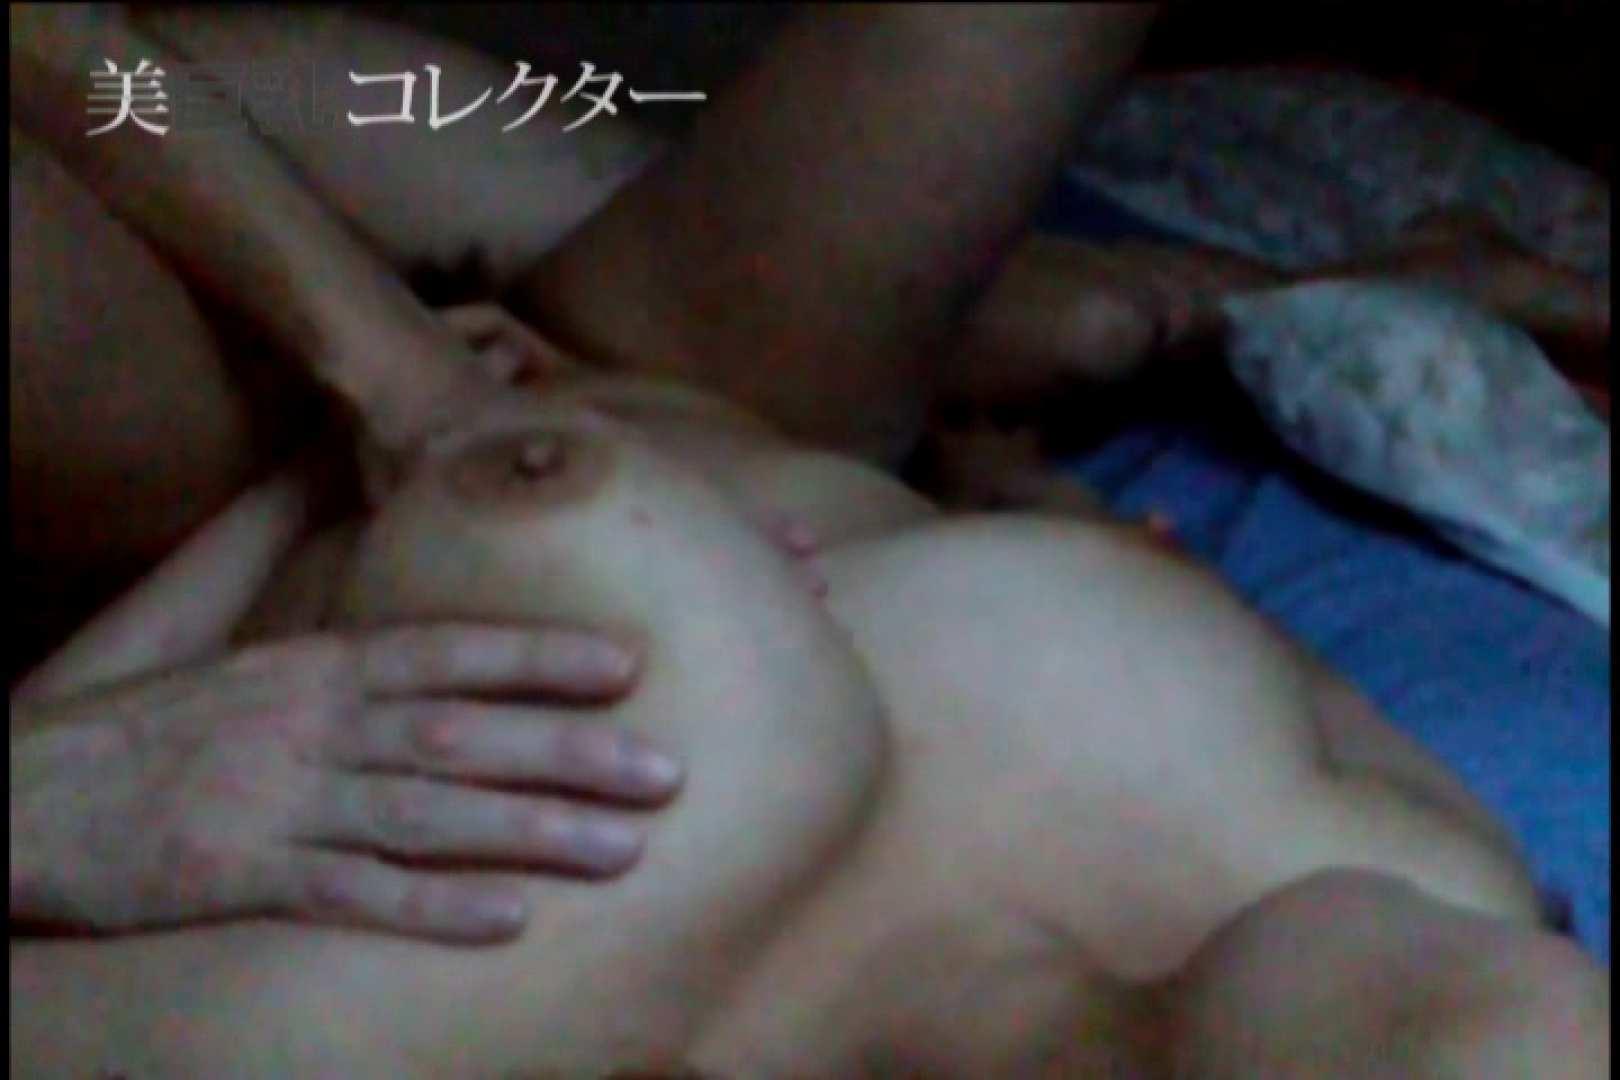 泥酔Hカップ爆乳ギャル3 SEX おまんこ動画流出 50枚 50